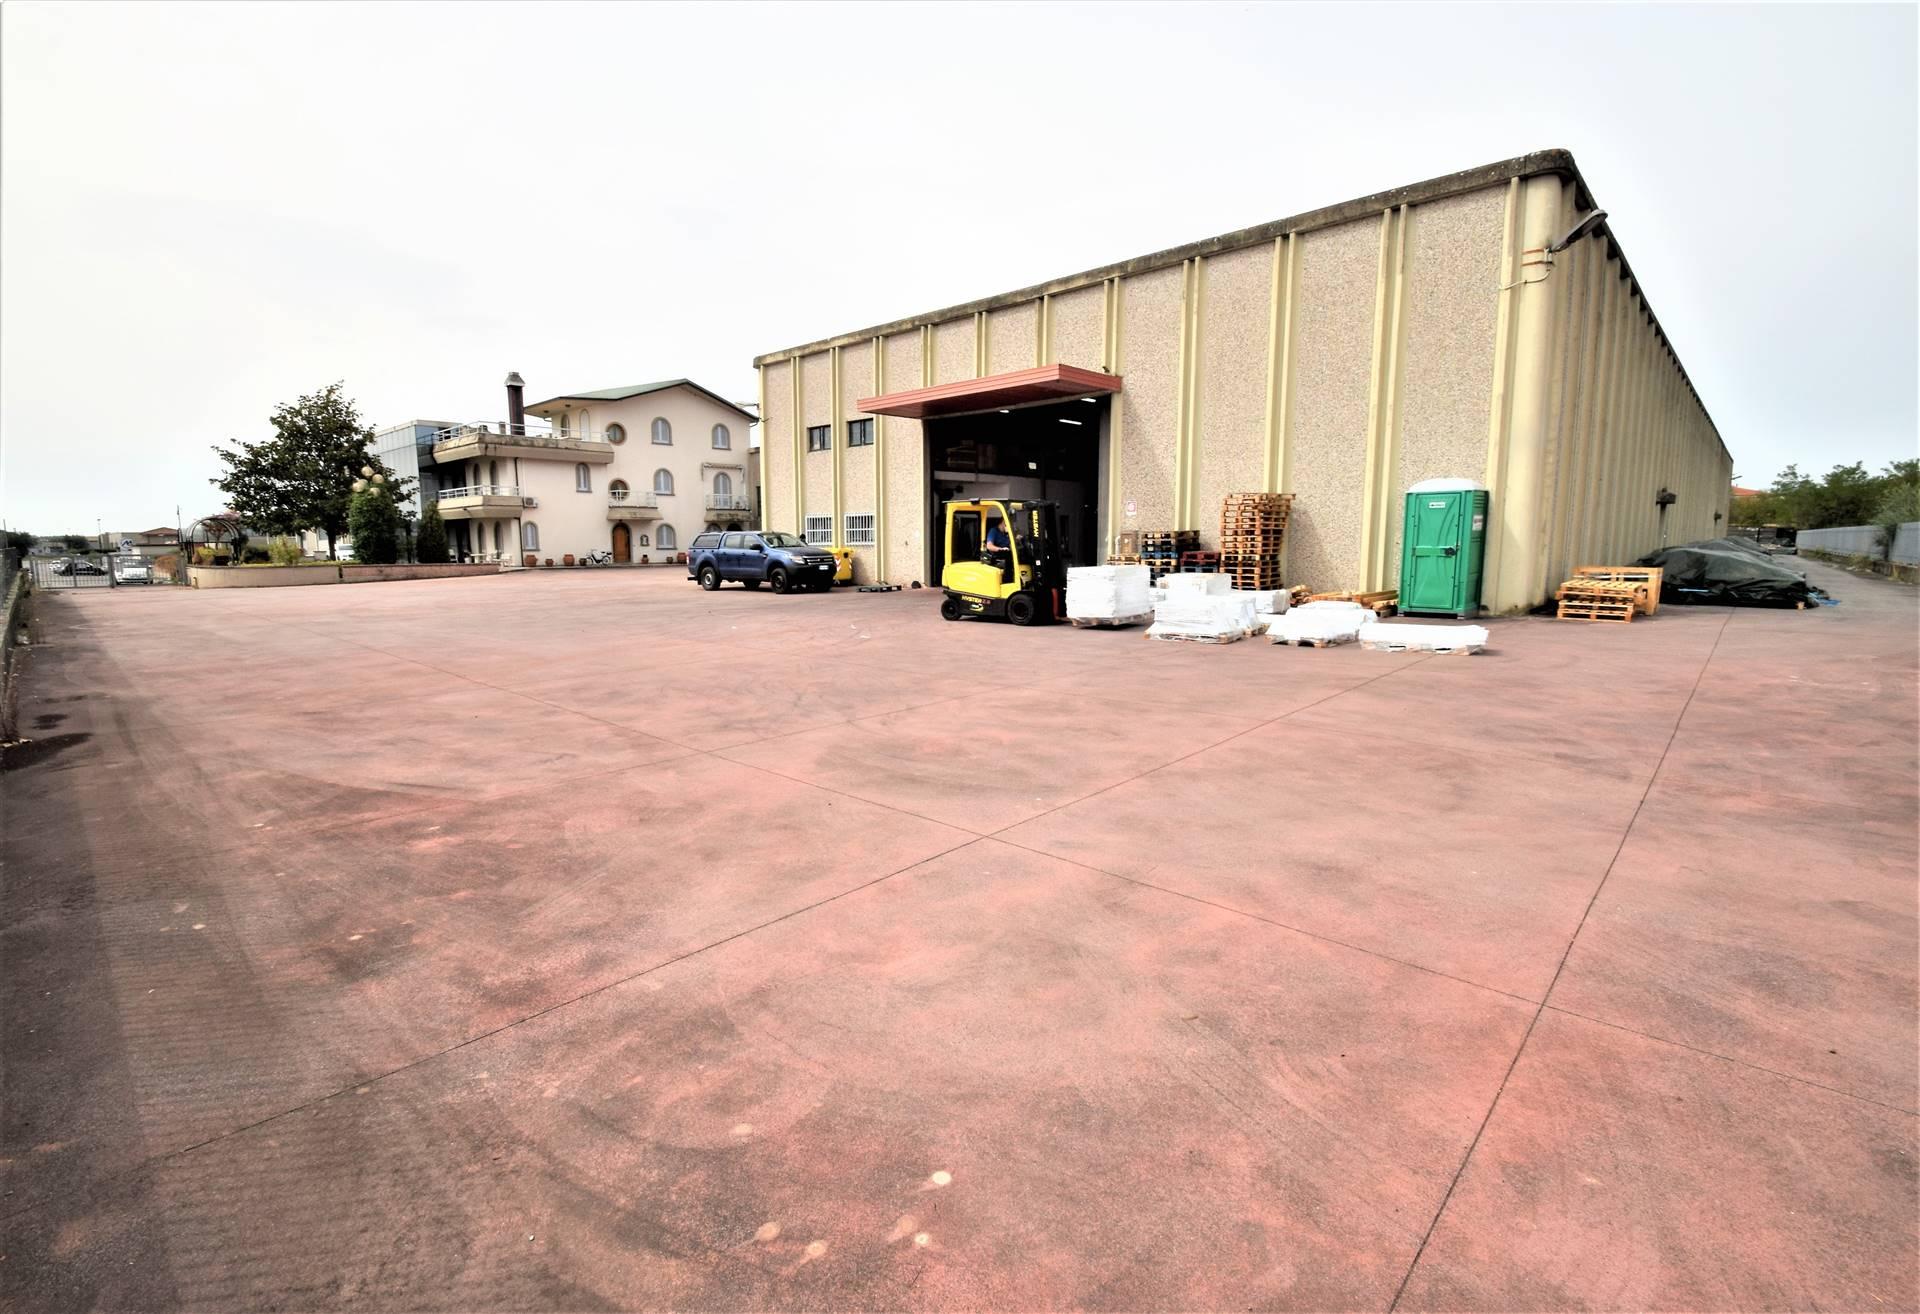 Capannone in vendita a Larciano, 13 locali, zona Zona: Castelmartini, prezzo € 2.500.000 | CambioCasa.it